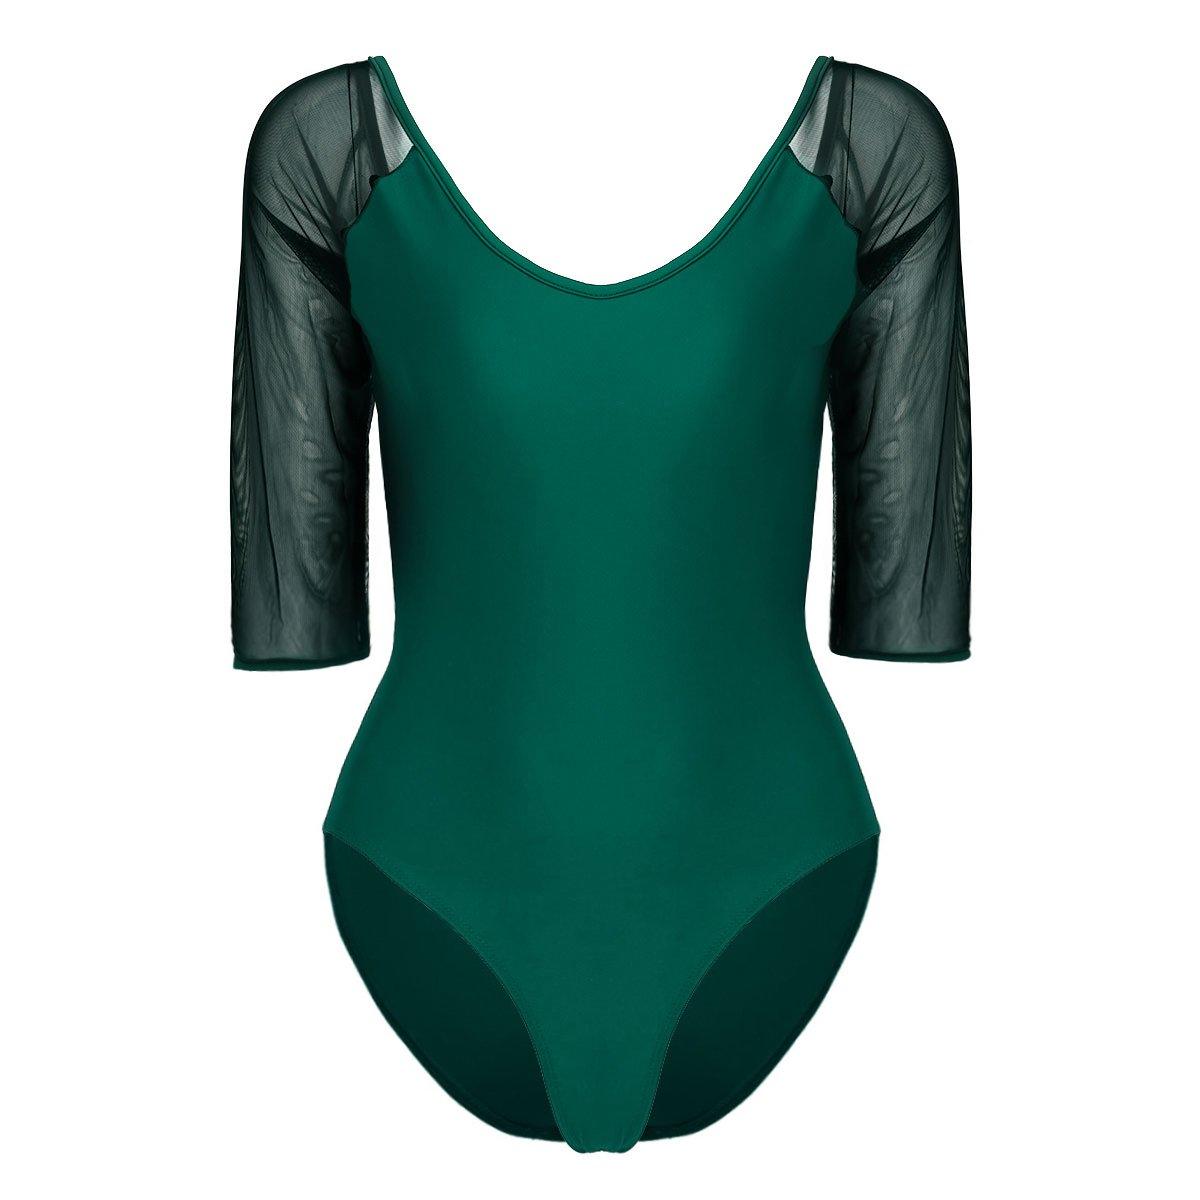 iixpin Justaucorps de Gymnastique Classique Femme à Manches Longues Bodys Ballet Classique Costume de Danse Moulante Bodysuit Jumpsuit pour Adulte Taille S-XL